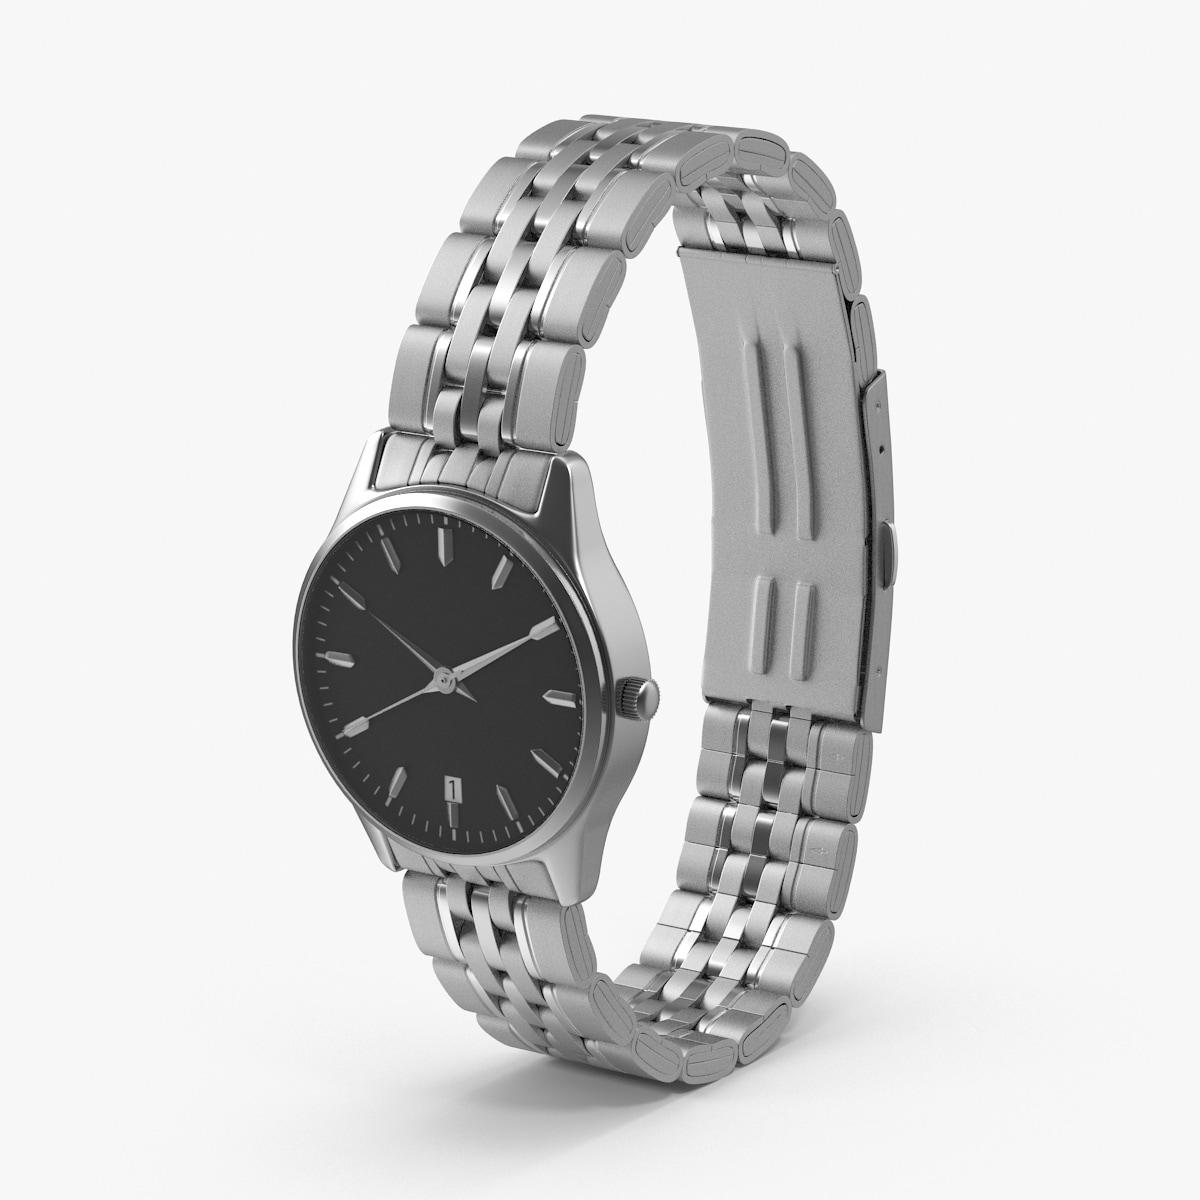 Womens_Wrist_Watch_SQRSignature_0000.jpg